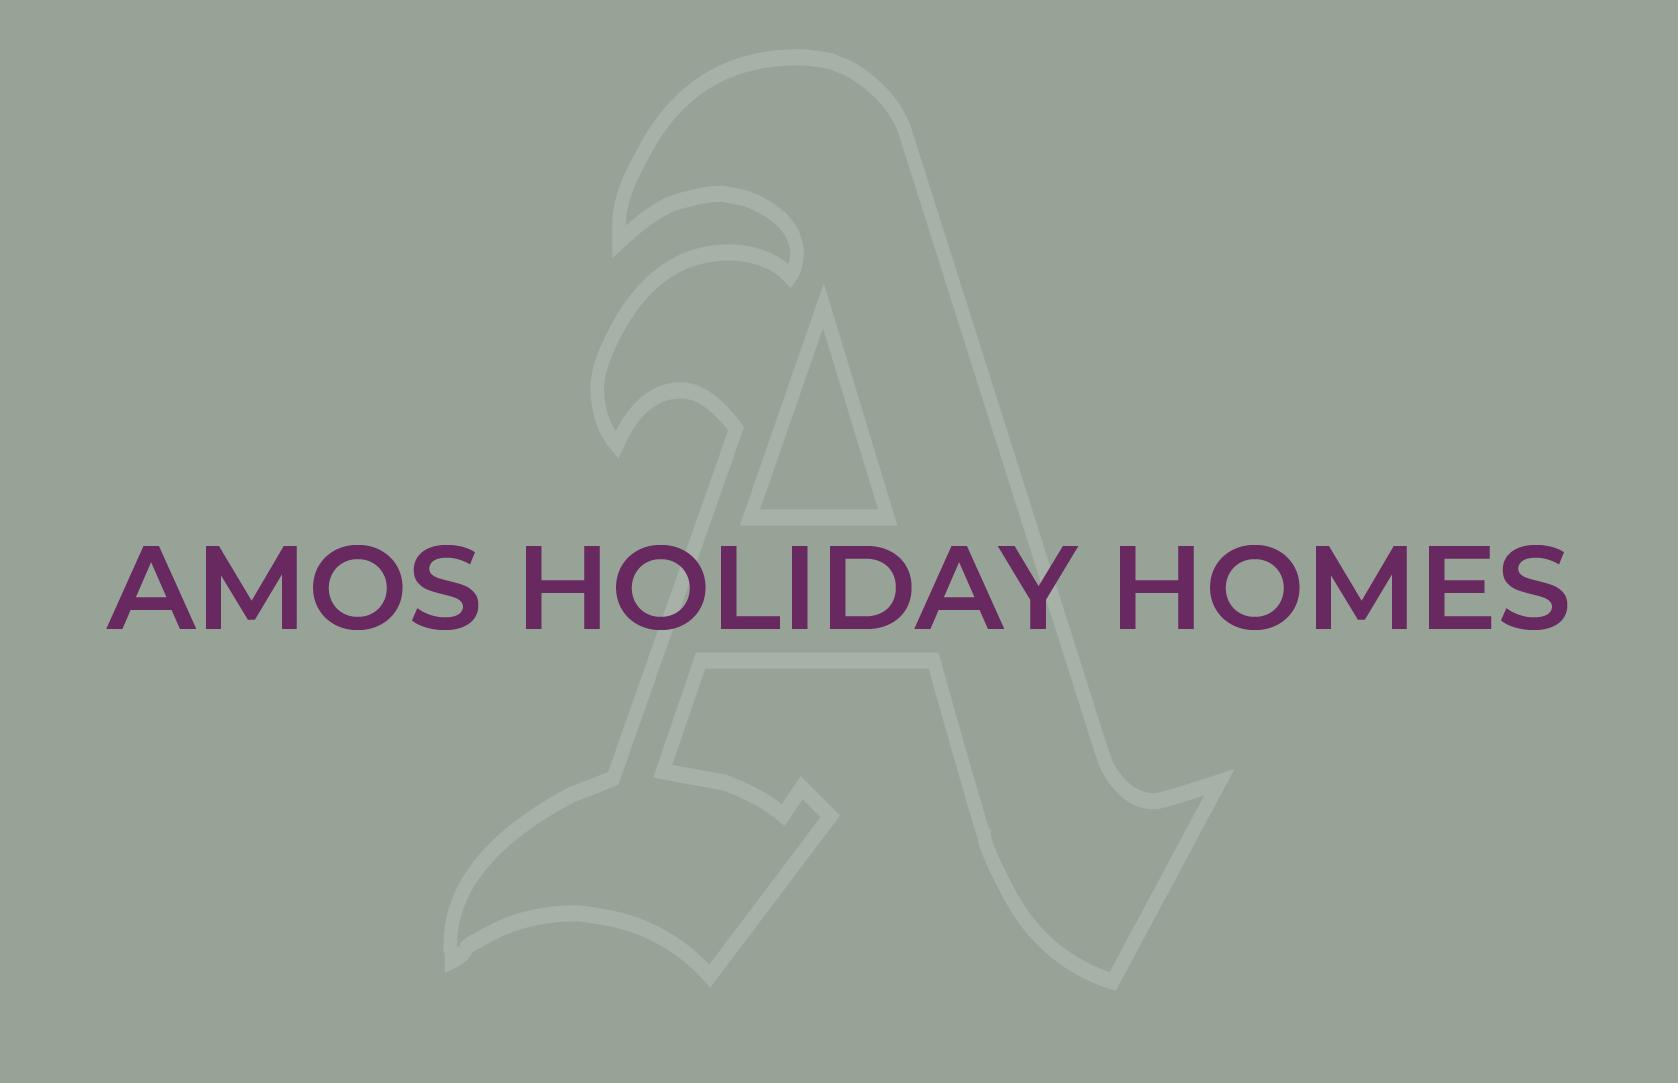 Amos Holiday Homes